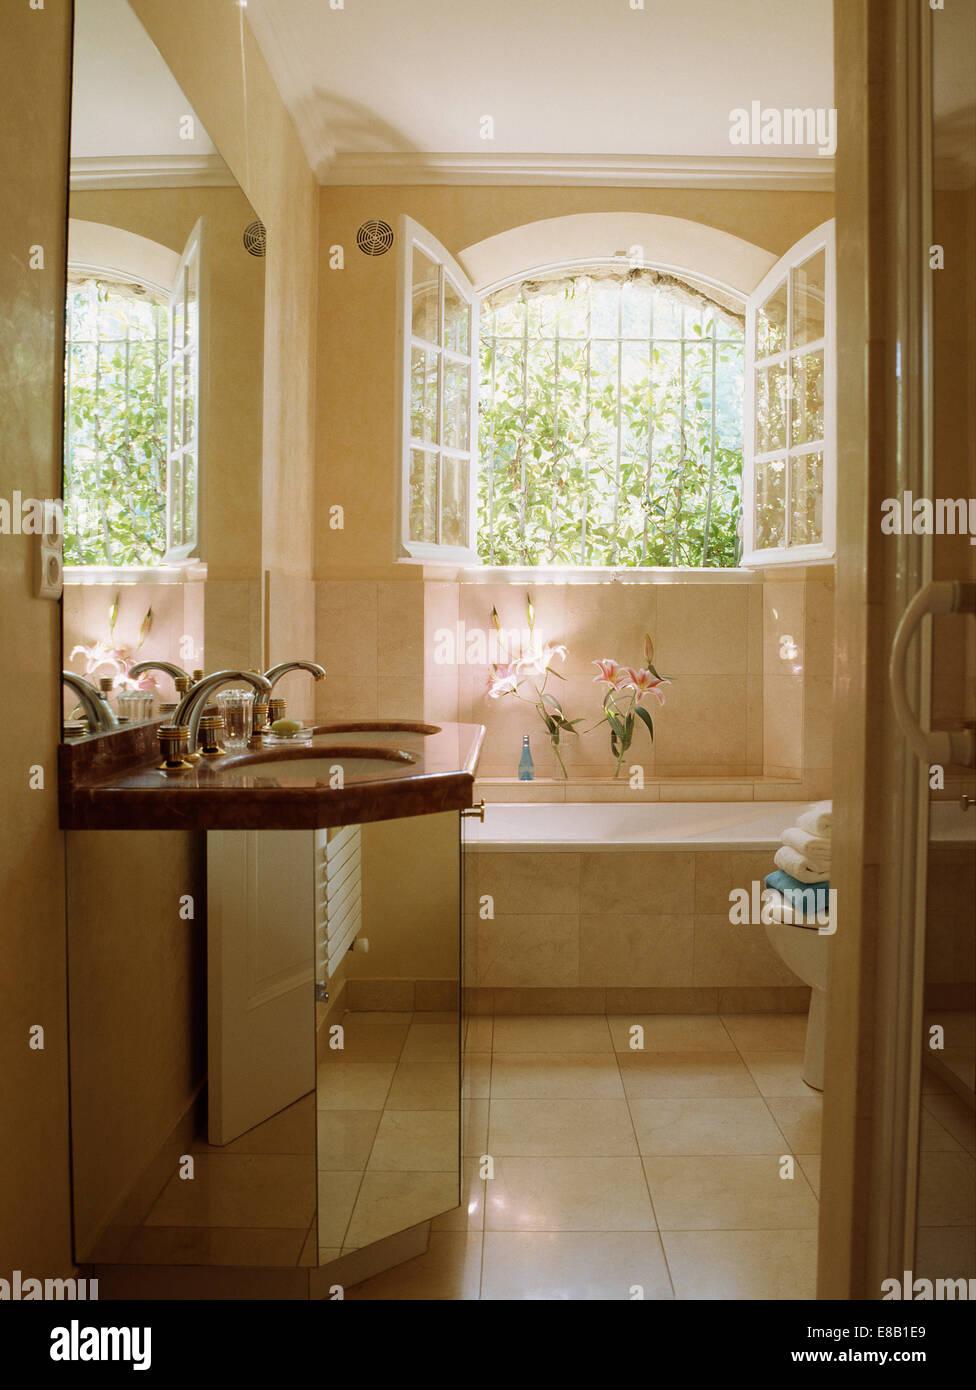 ge ffneten fenster oben bad in franz sischer landhaus badezimmer mit waschbecken im gespiegelten. Black Bedroom Furniture Sets. Home Design Ideas